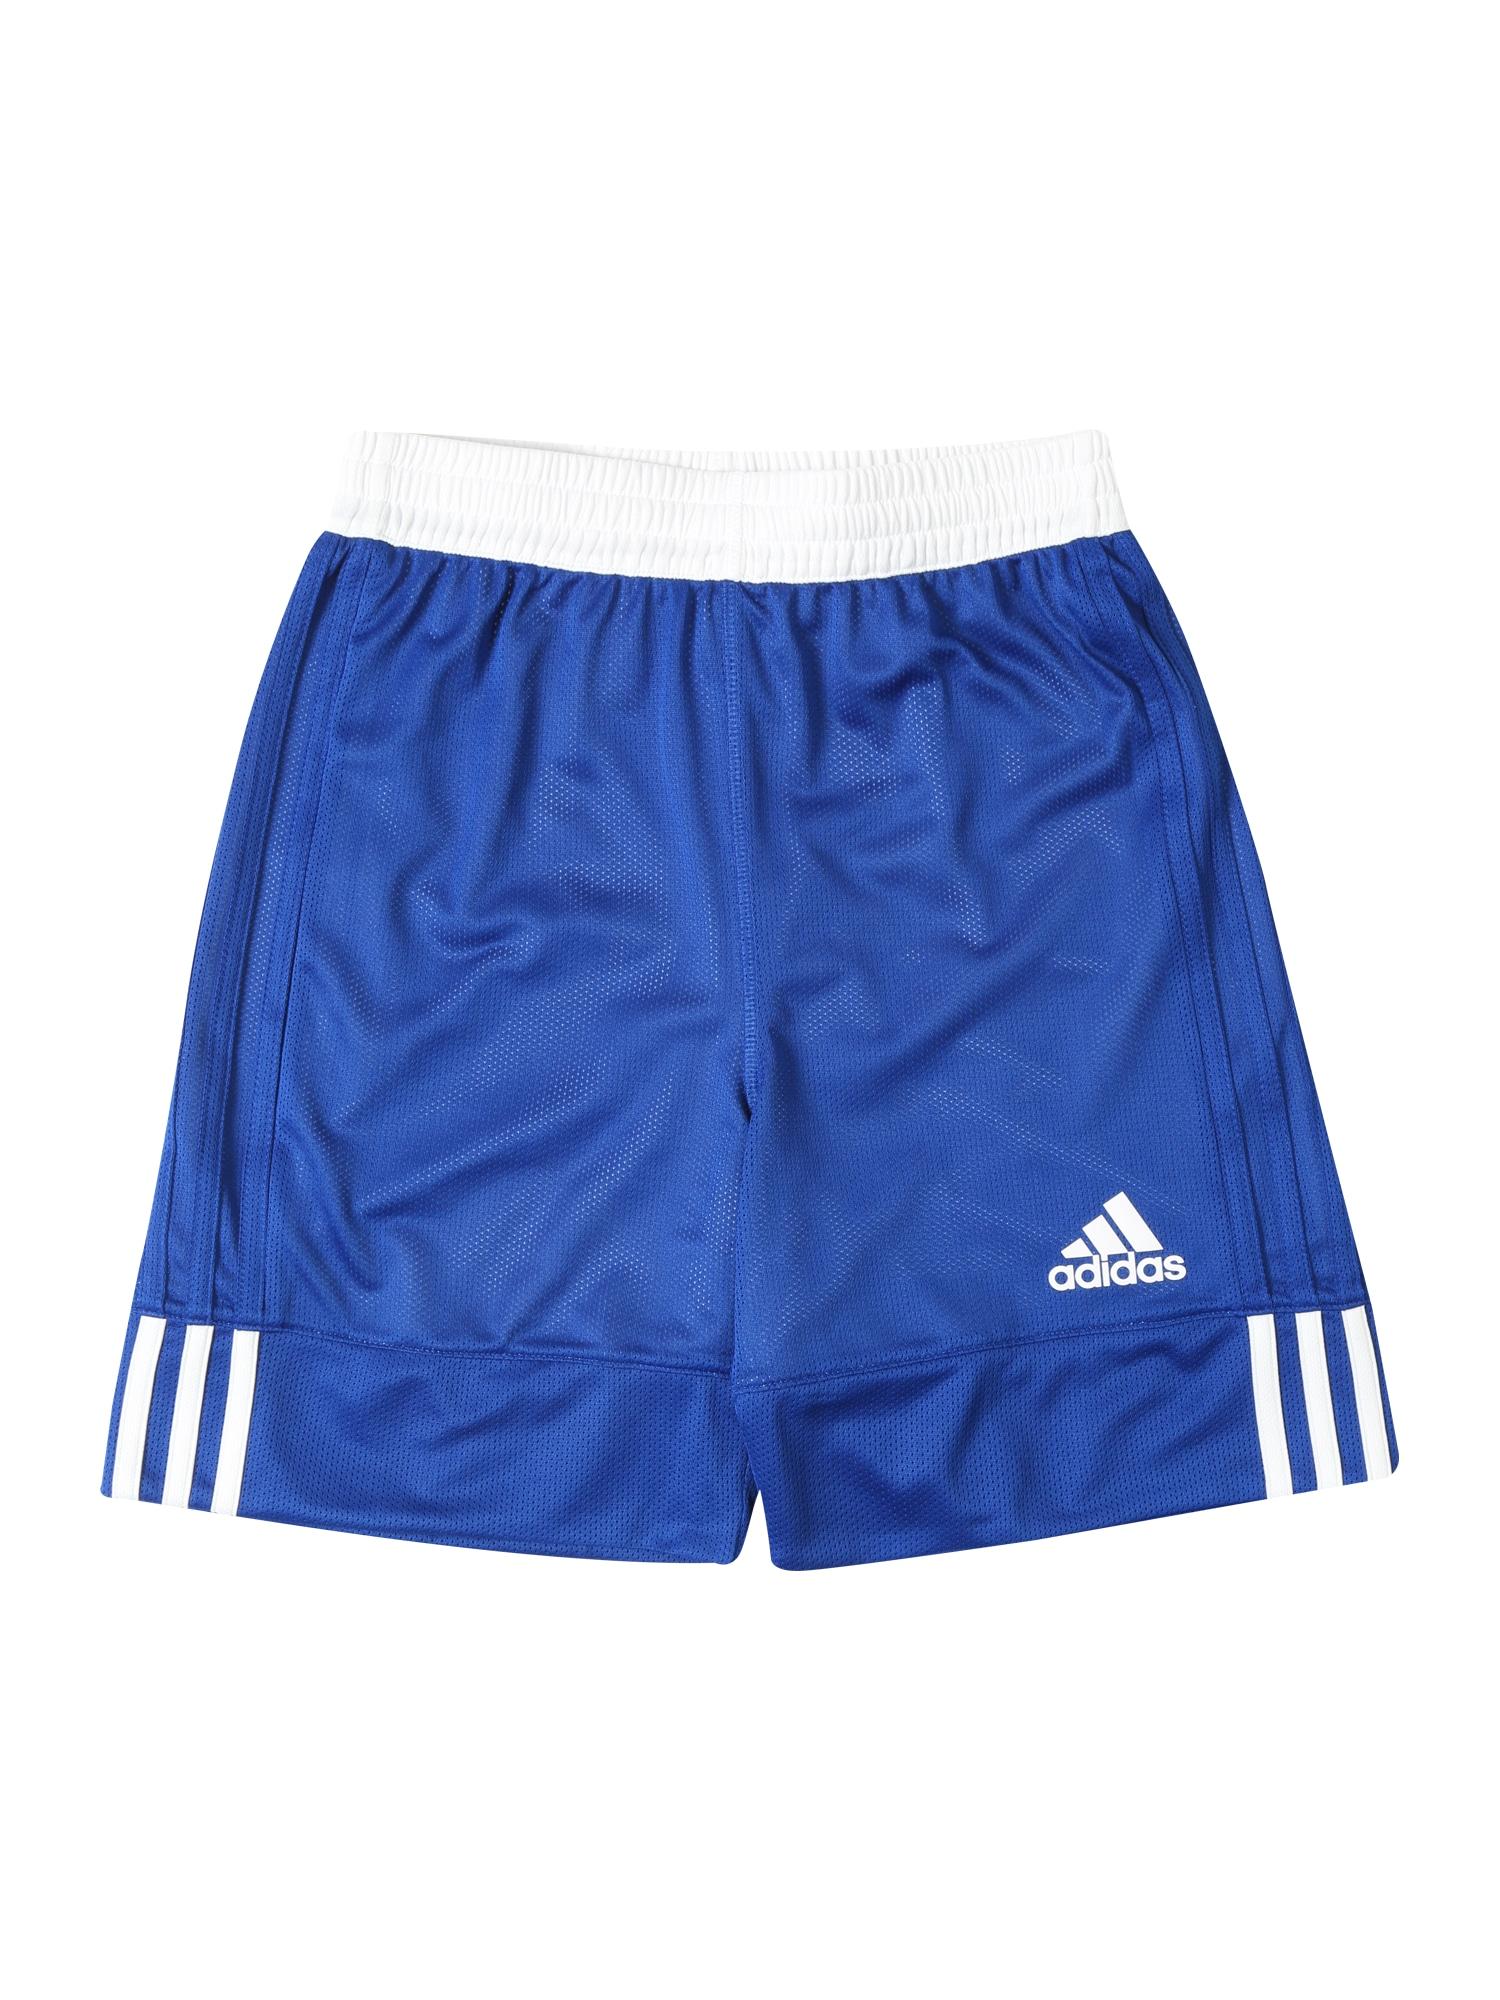 Sportovní kalhoty 3G Speed Reversible modrá bílá ADIDAS PERFORMANCE